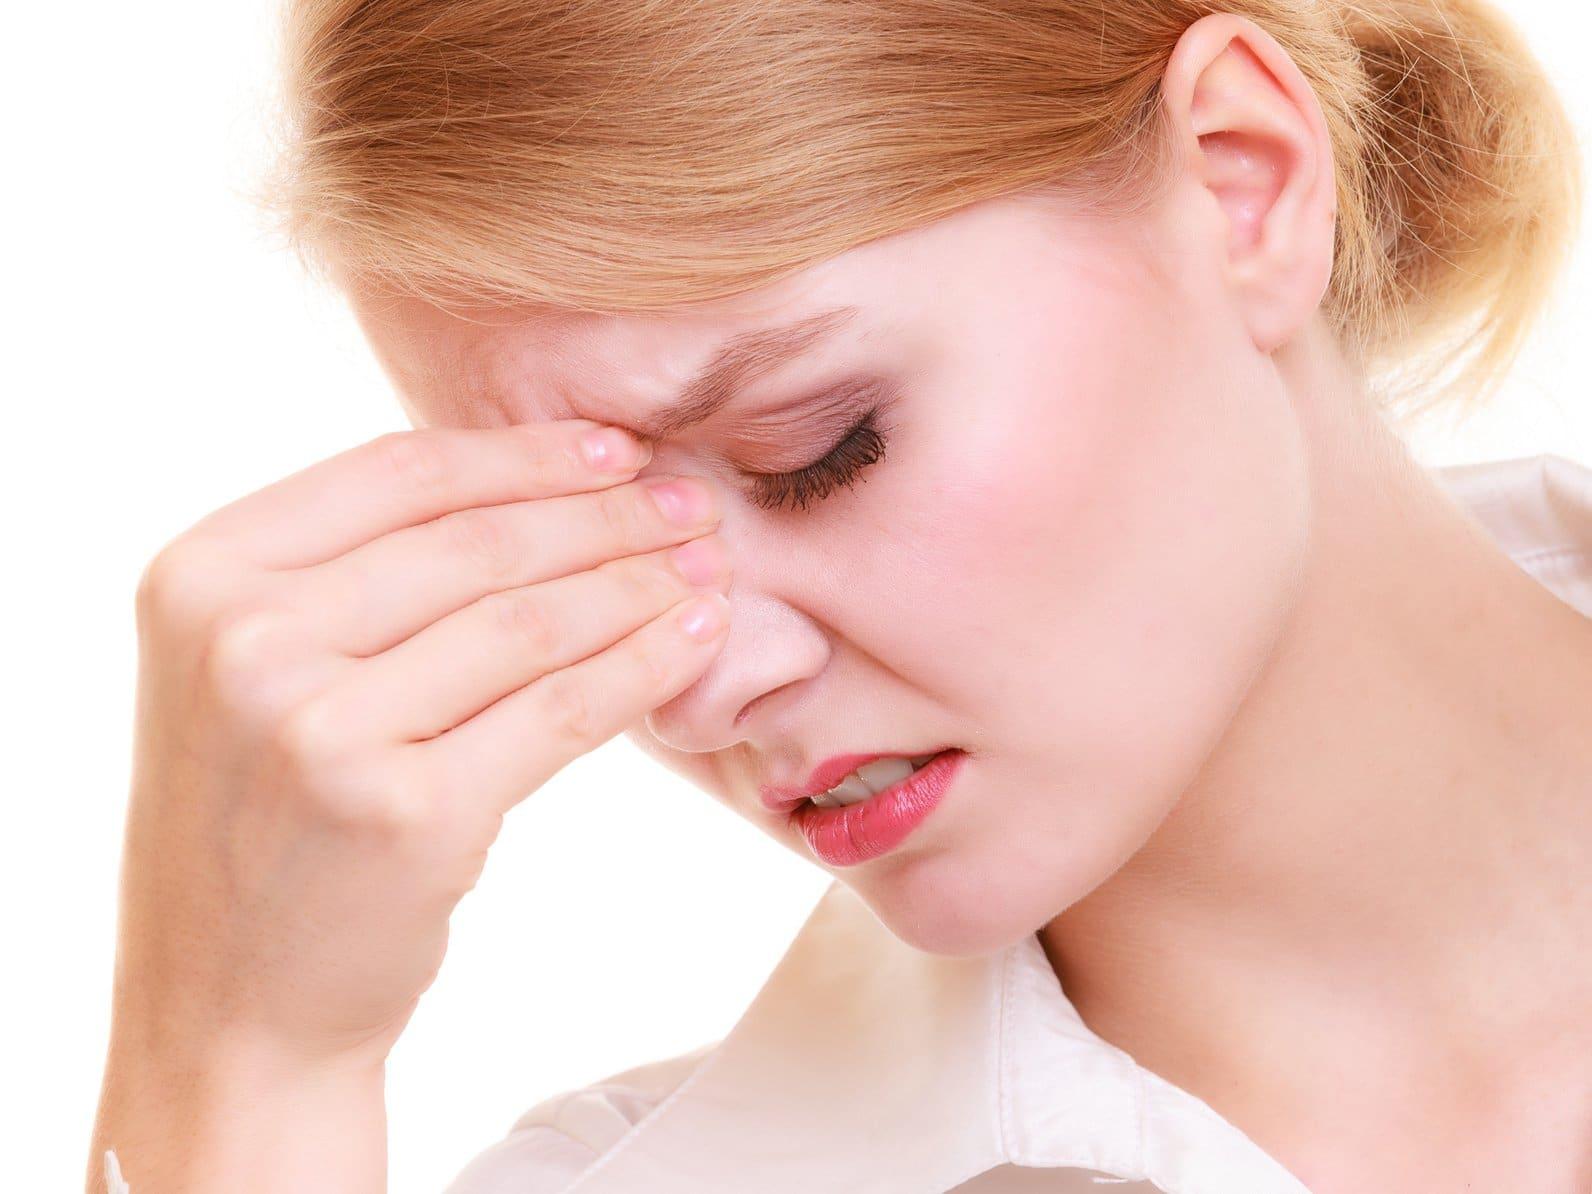 espinillas en la nariz causas